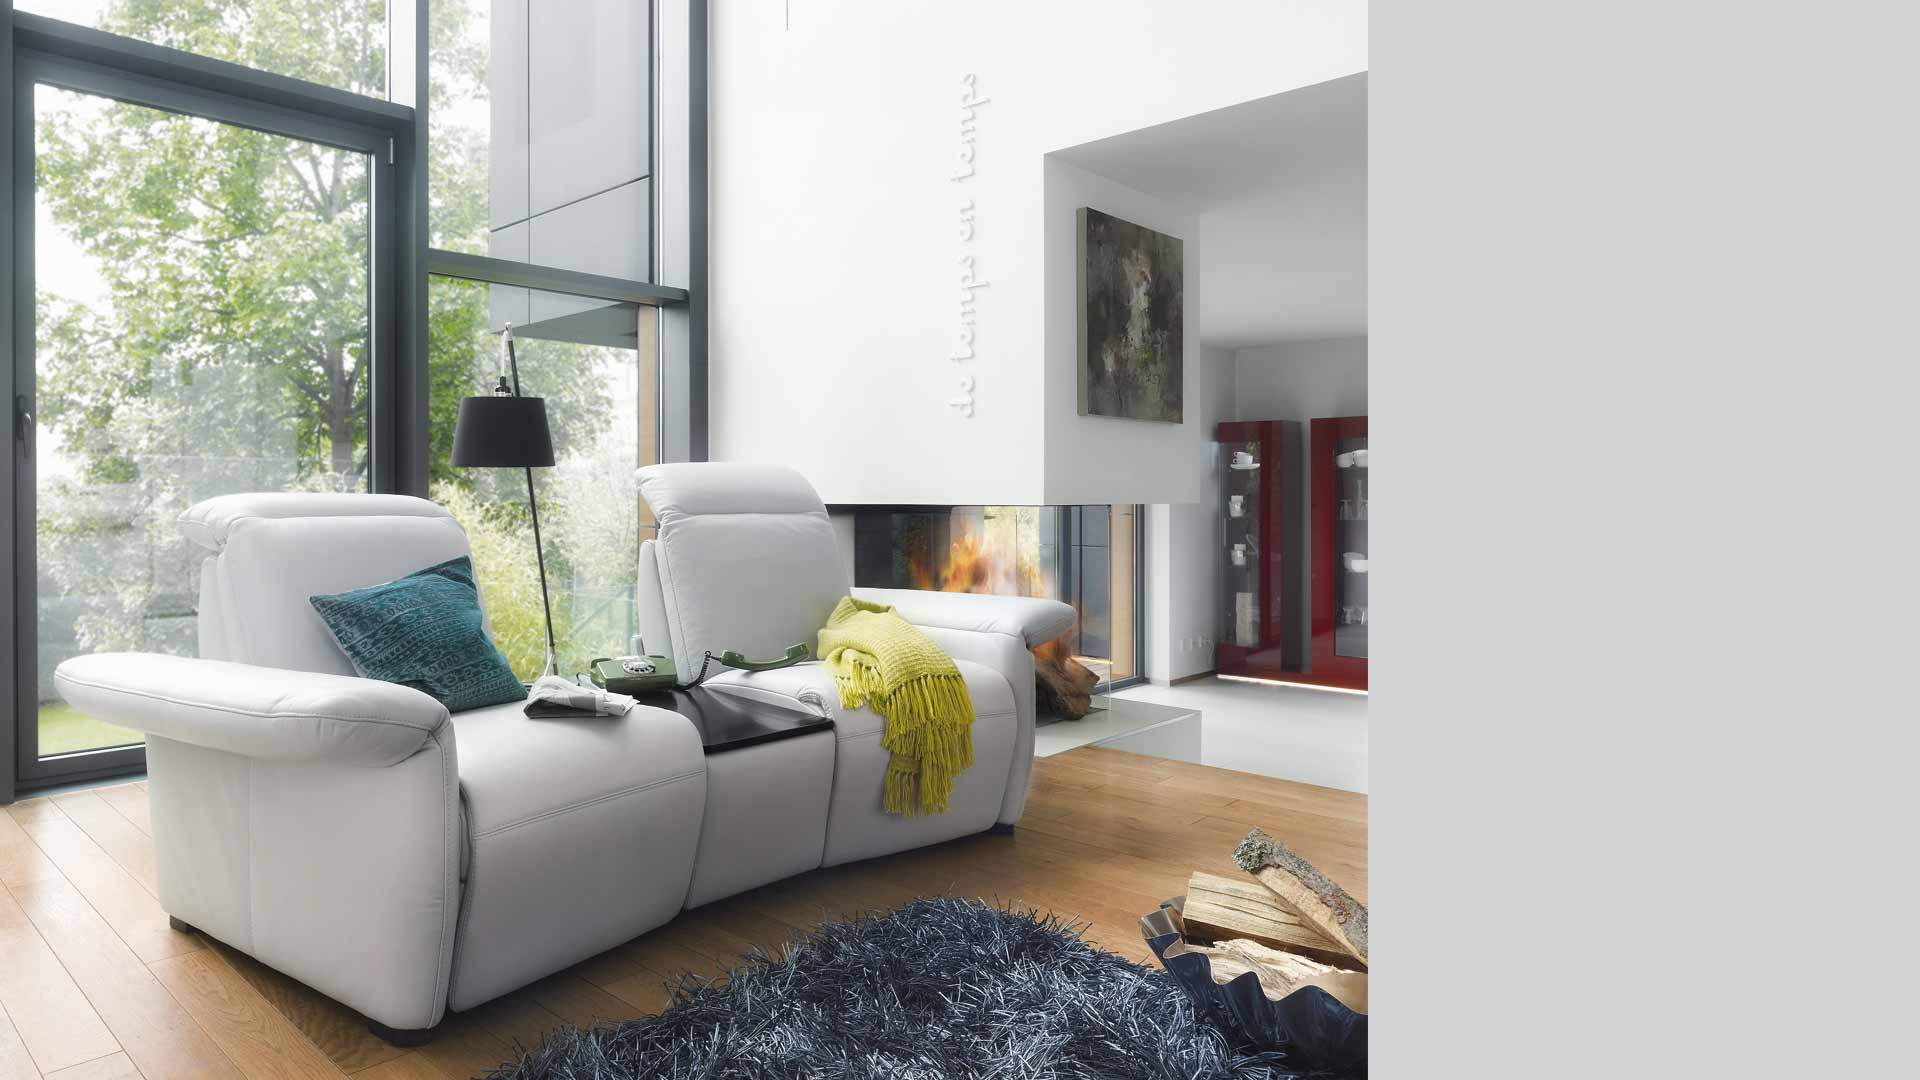 Möbel Borken contur 9200 contur einrichtungen in borken möbel siebelt